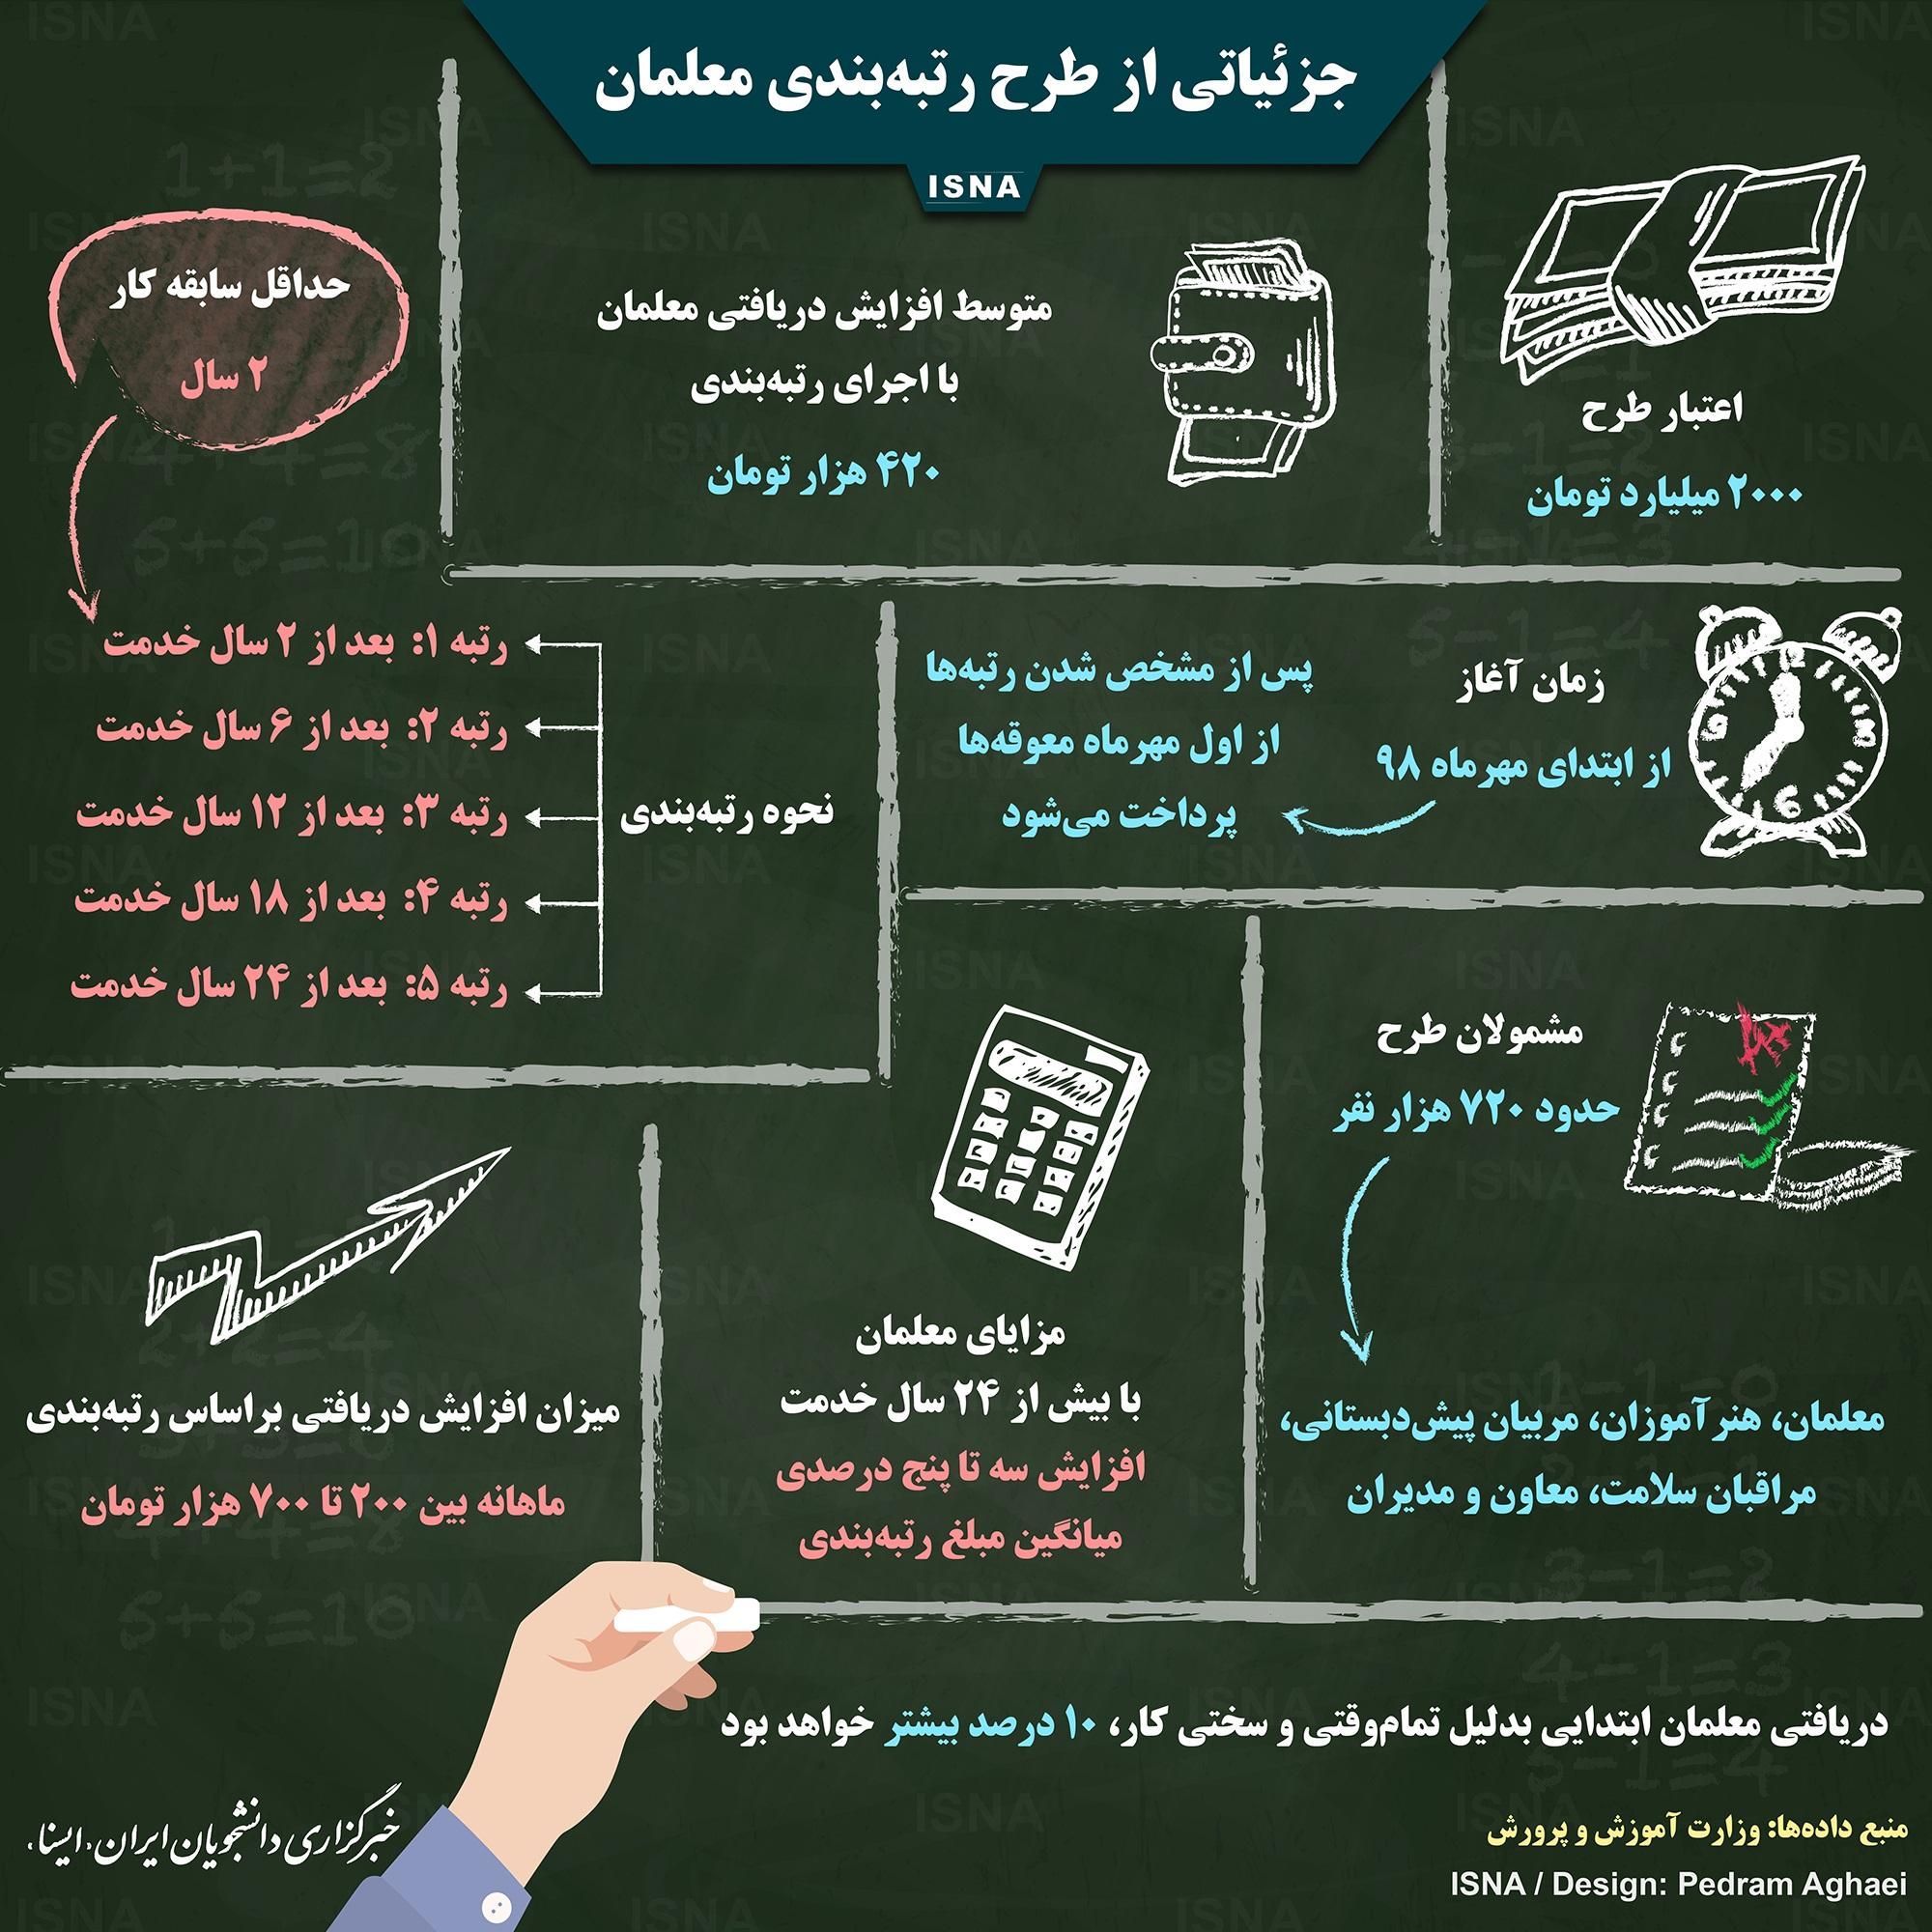 جزئیات طرح رتبه بندی معلمان